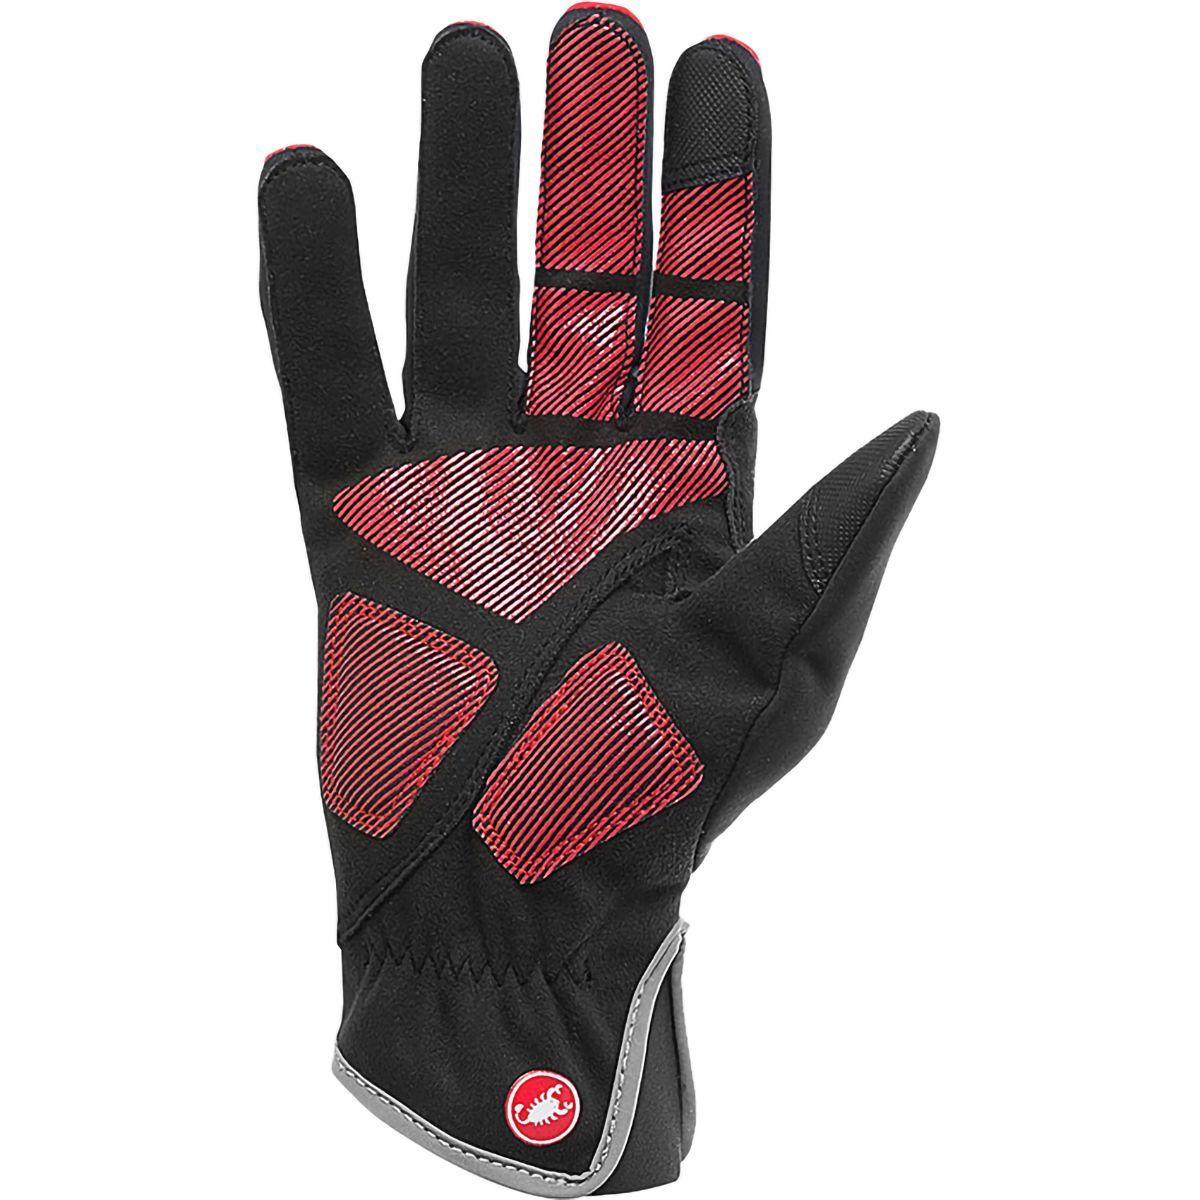 Castelli-Scalda-Pro-Glove-Women-039-s miniature 24